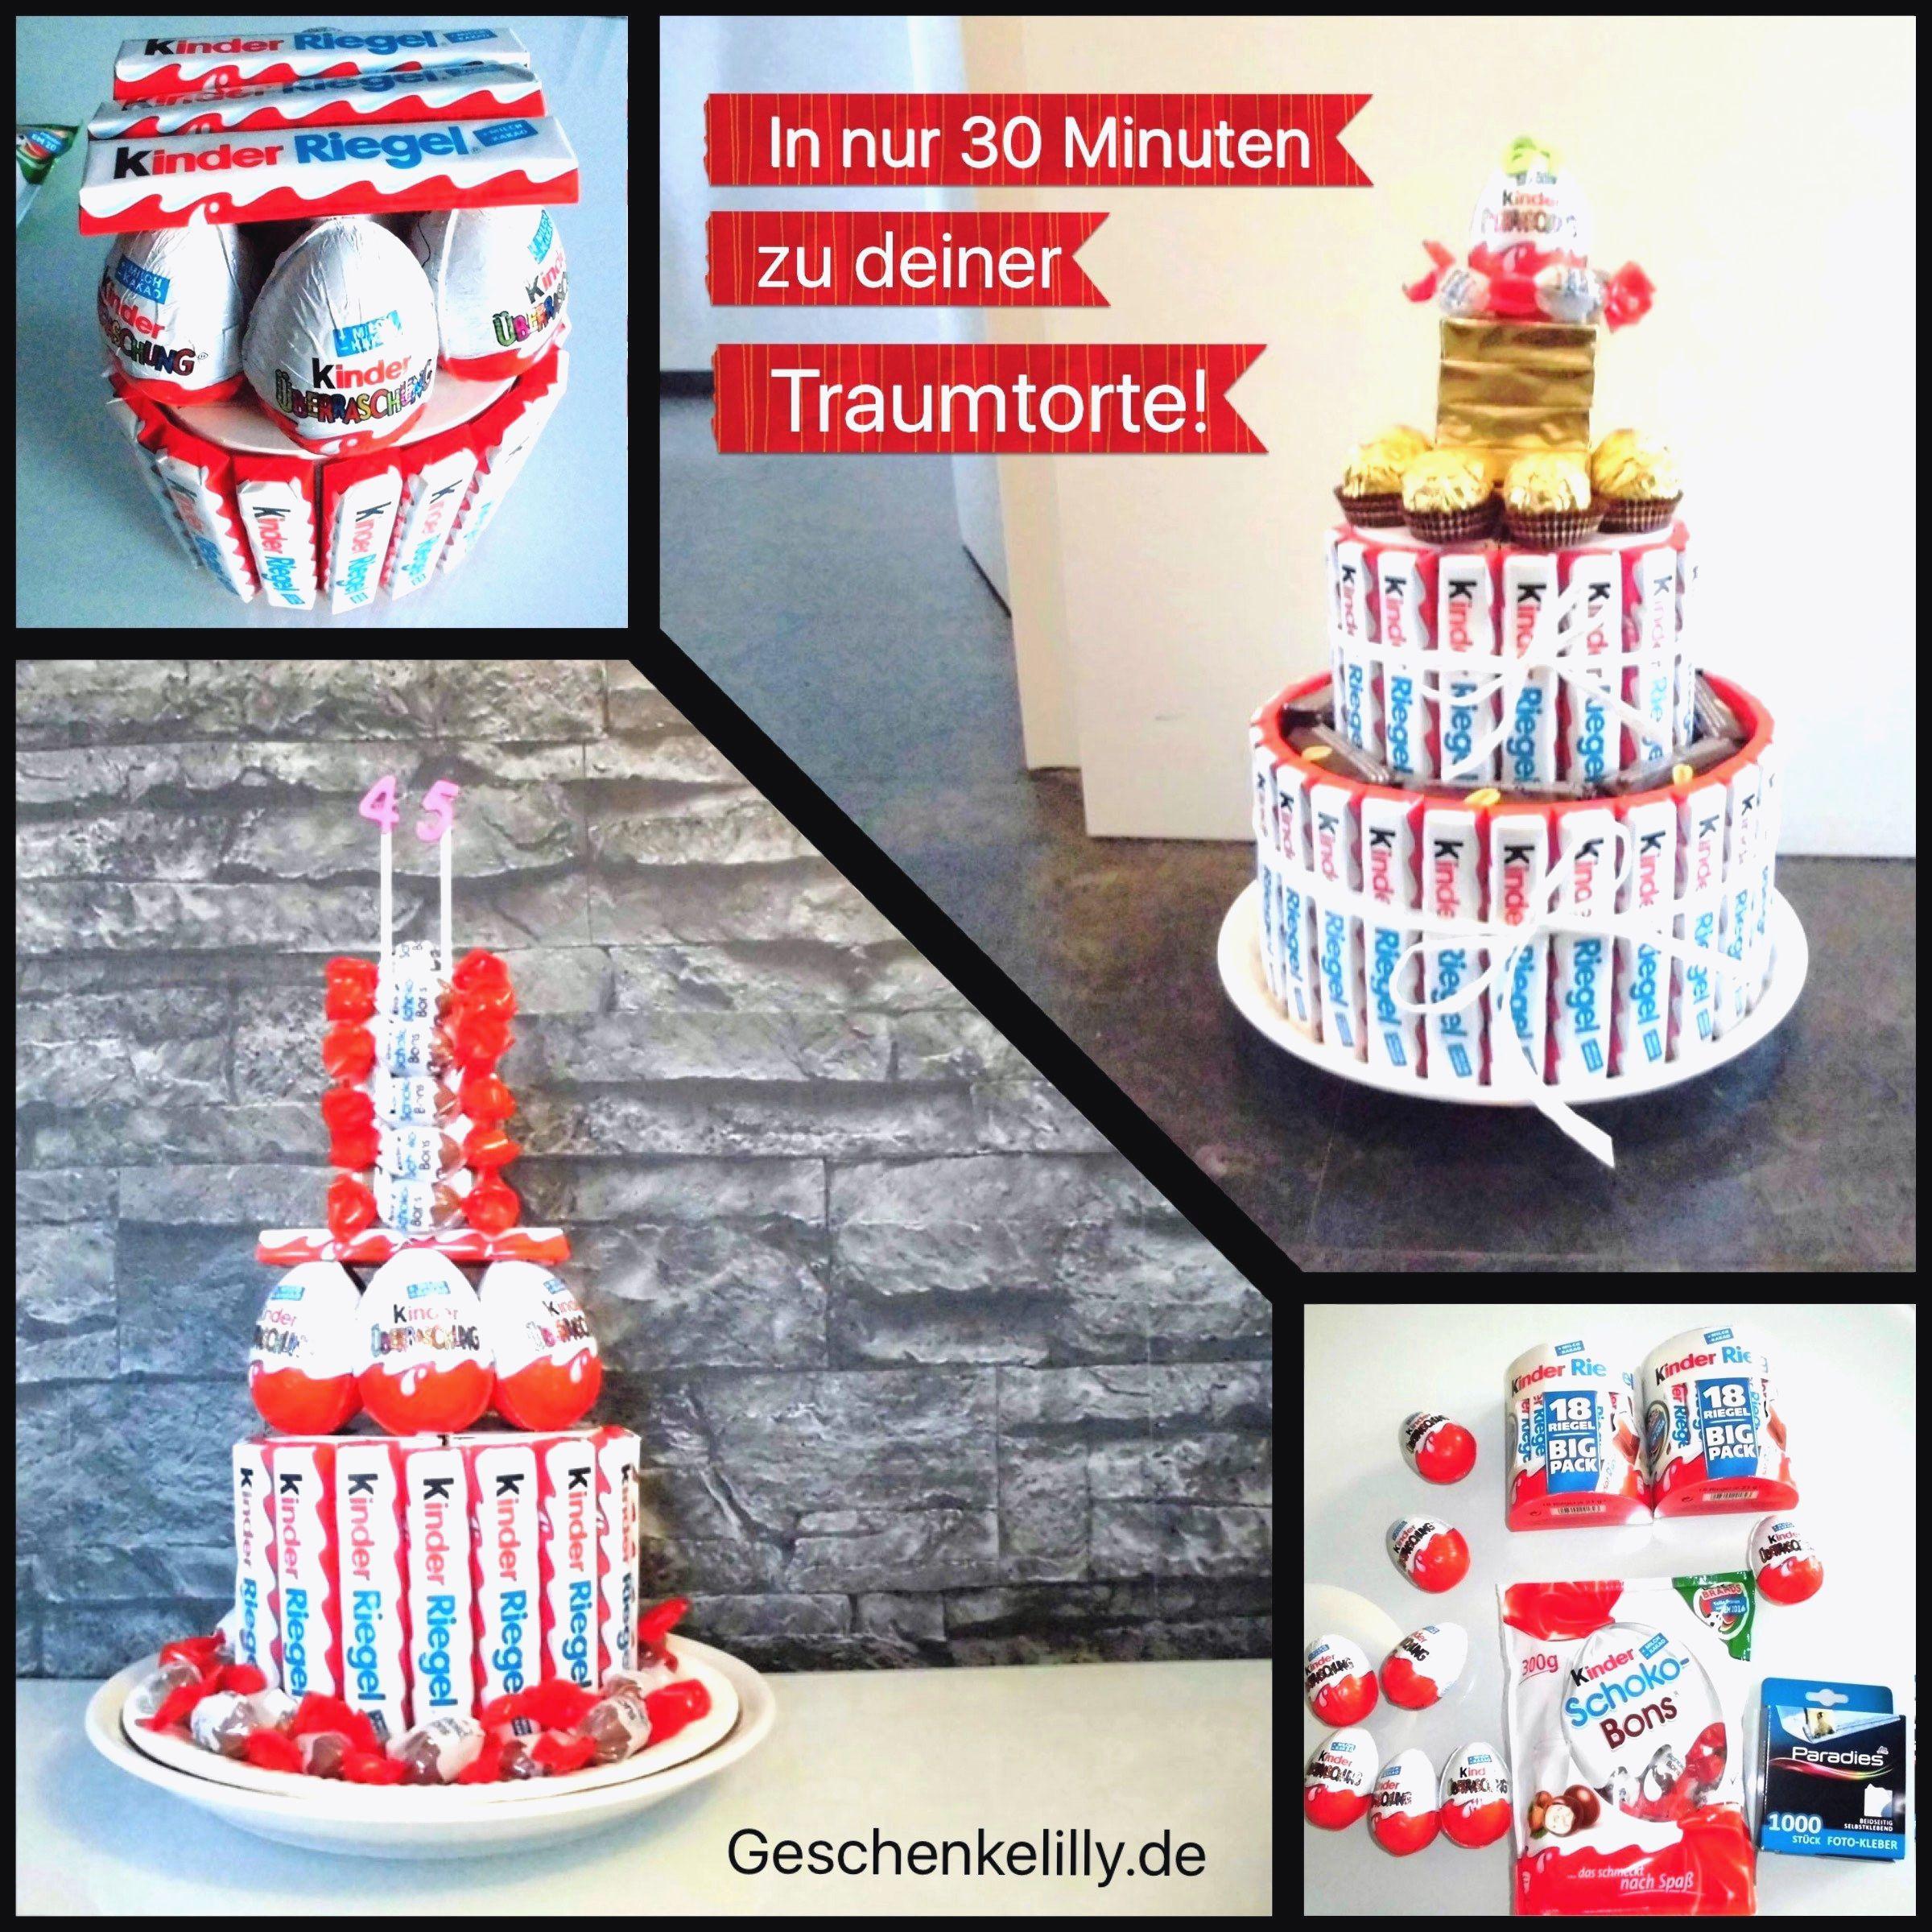 Lustige Geschenke Zum 30 Geburtstag Selber Machen  Lustige Geschenke Zum 18 Geburtstag Selber Machen